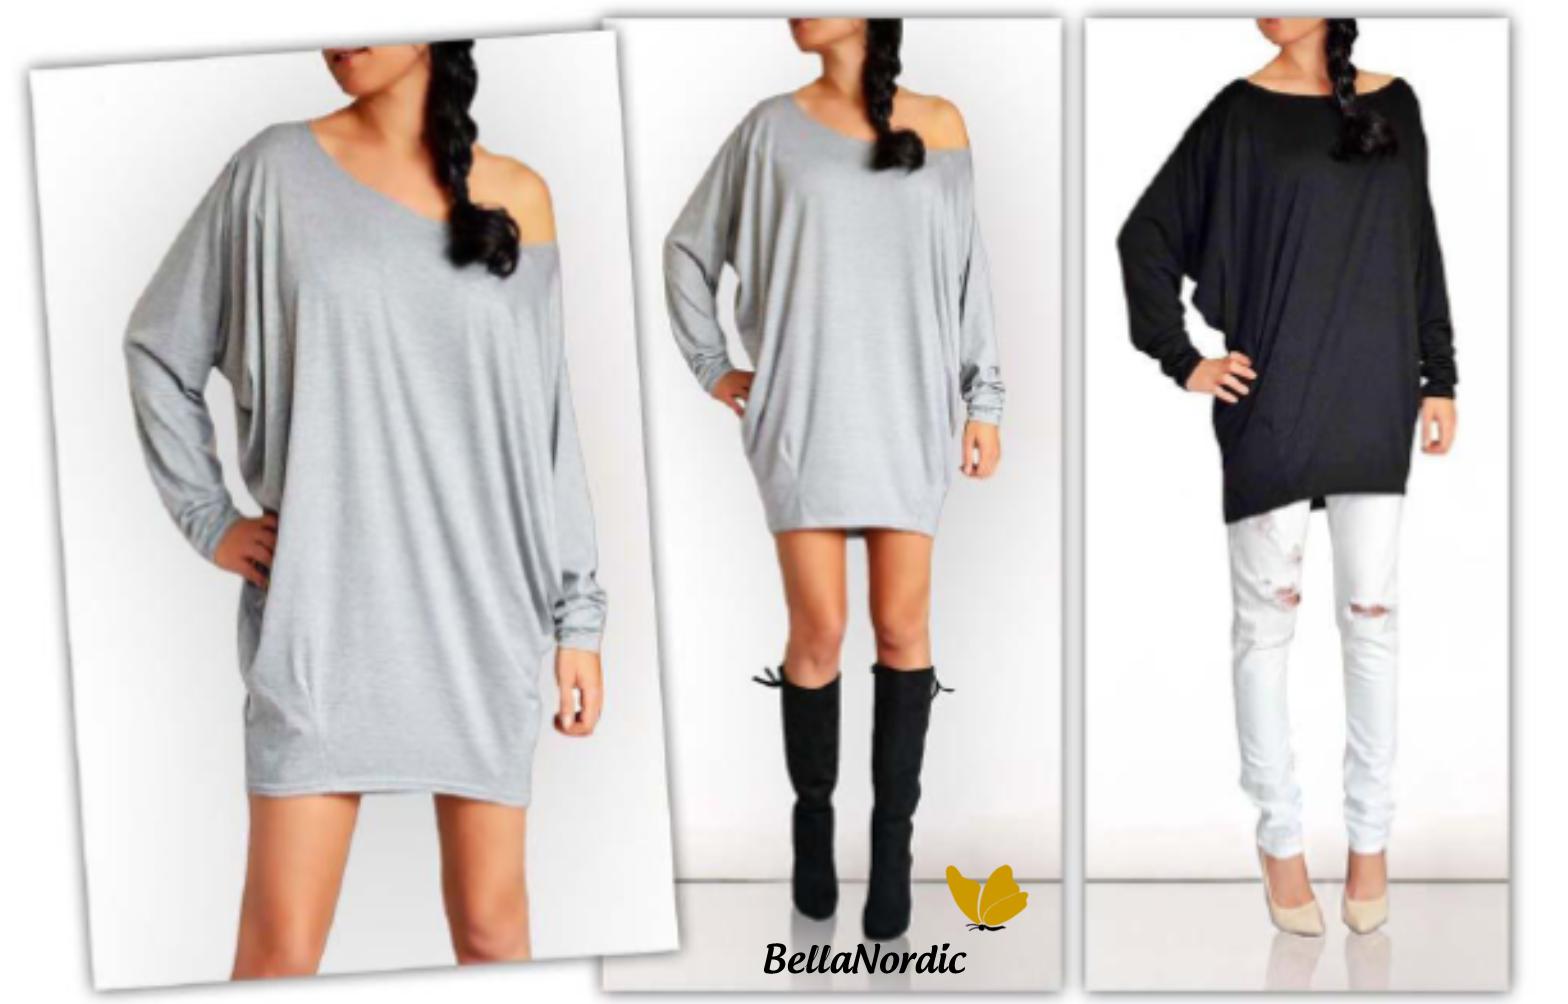 FALL  NEWS   Vores skønne oversize shirt er kommet på lager.  Pris kun 229 ,-   Se den her: http://bellanordic.dk/product/bluse-290/   Se alle vores nyheder her: http://bellanordic.dk/category/nyheder-43/   Se alle vores varer her: www.bellanordic.dk